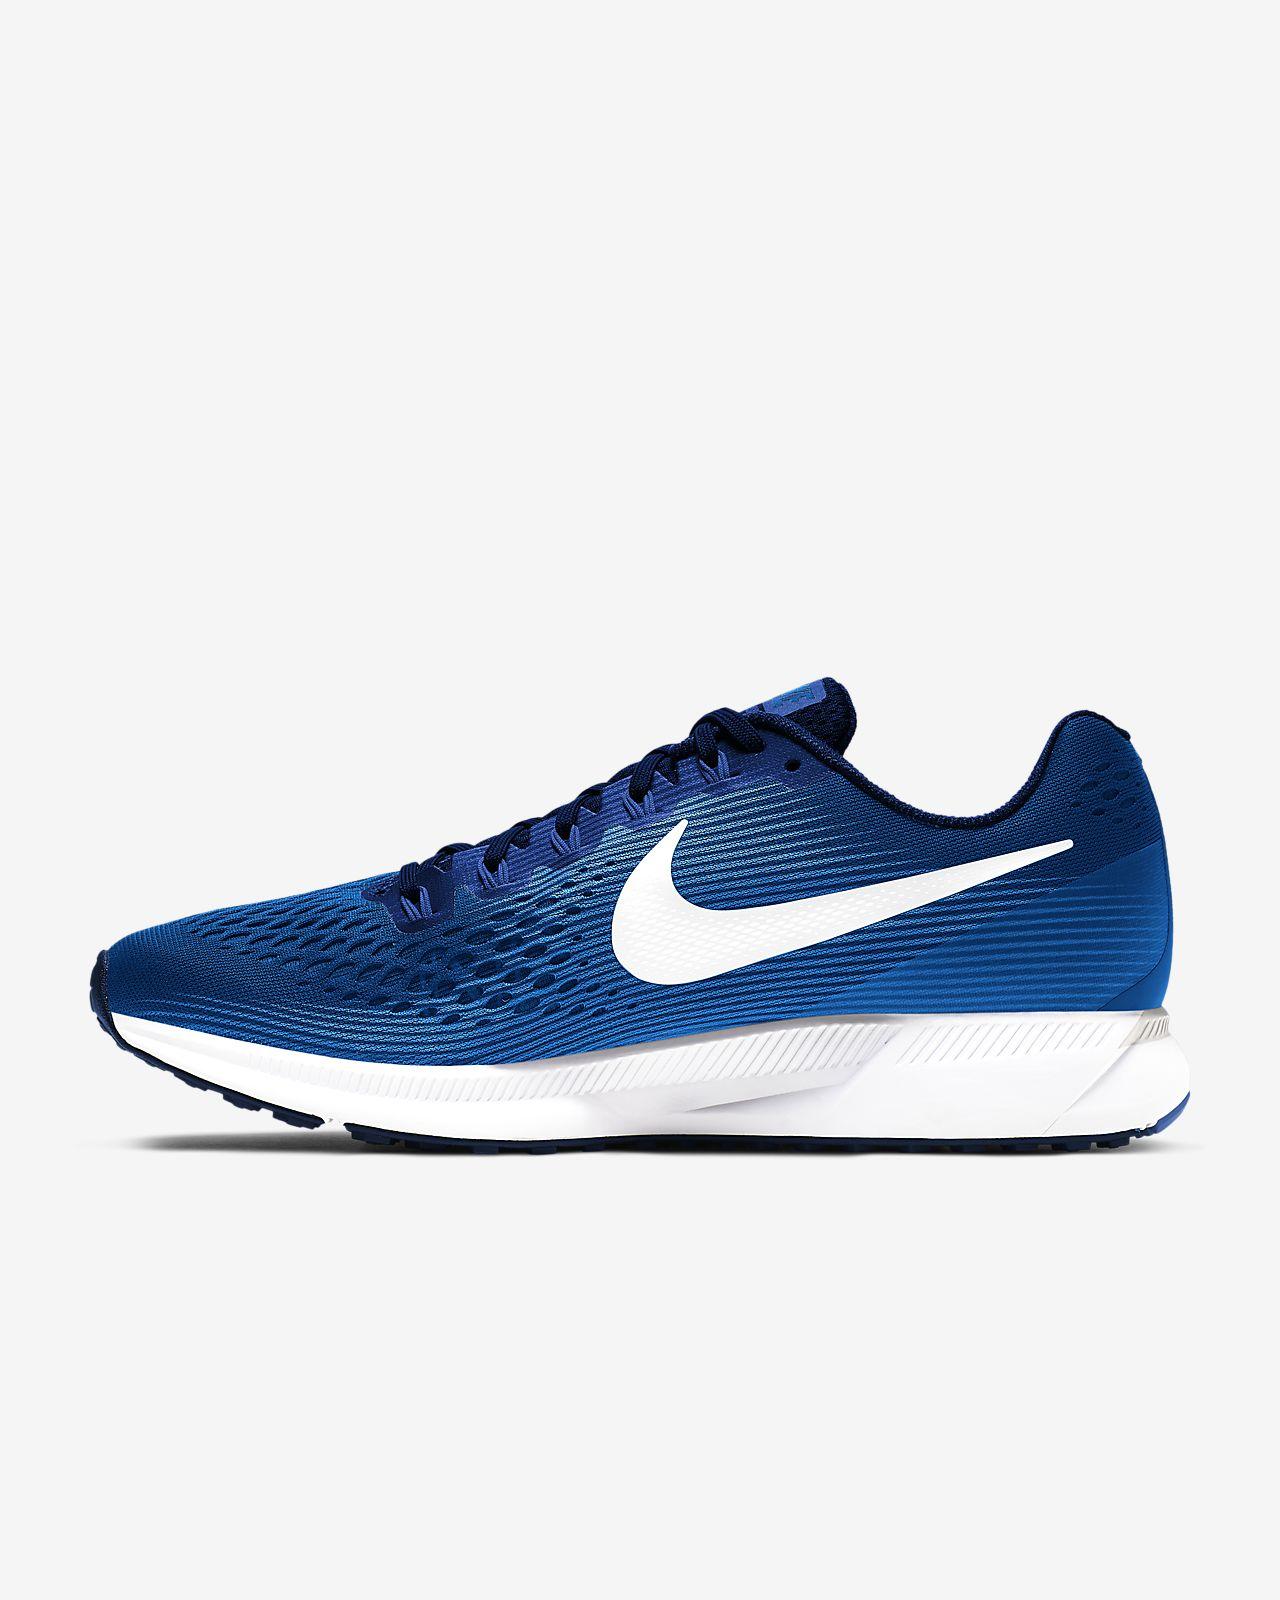 Nike Air Zoom Pegasus 34 Men's Running